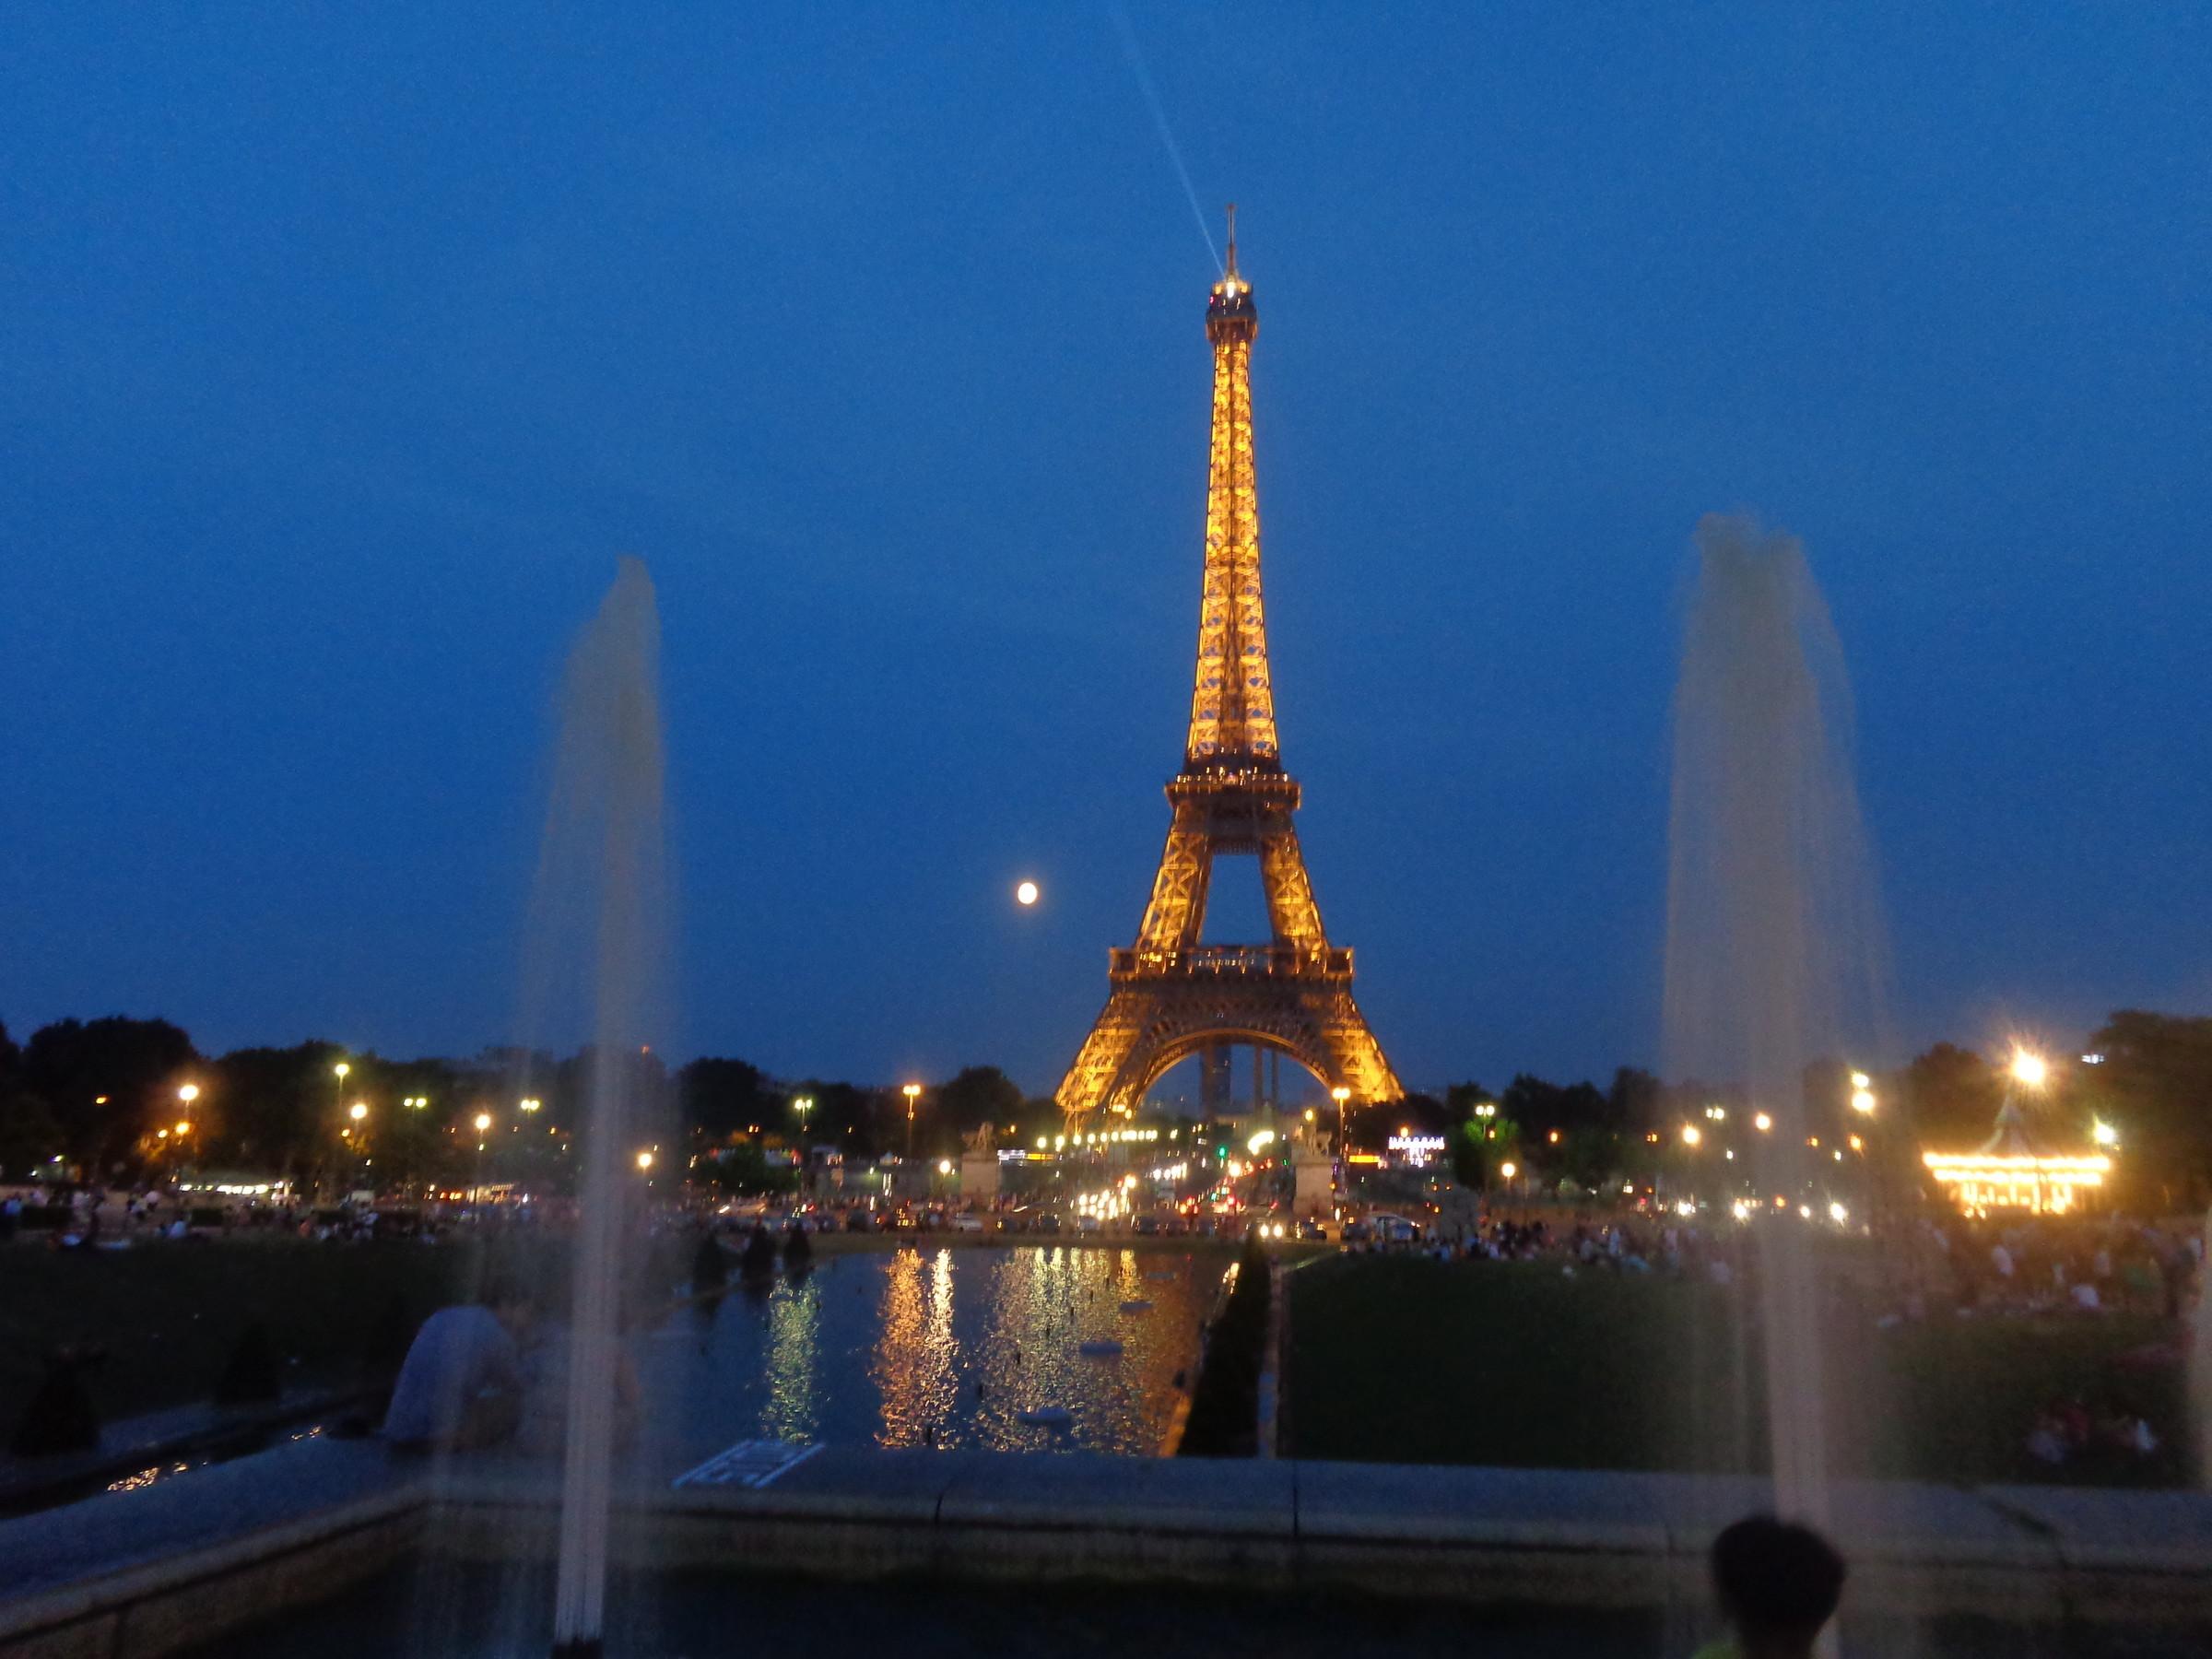 """Инженерное """"чудо"""" французского инженера Гюстава Эйфеля-символ Франции. Была сооружена для Всемирной выставки в 1889 году. Высота 320 метров вес 7000 тонн. На вершину можно подняться на лифте или пешком, преодолев 1710 ступенек!, Париж"""